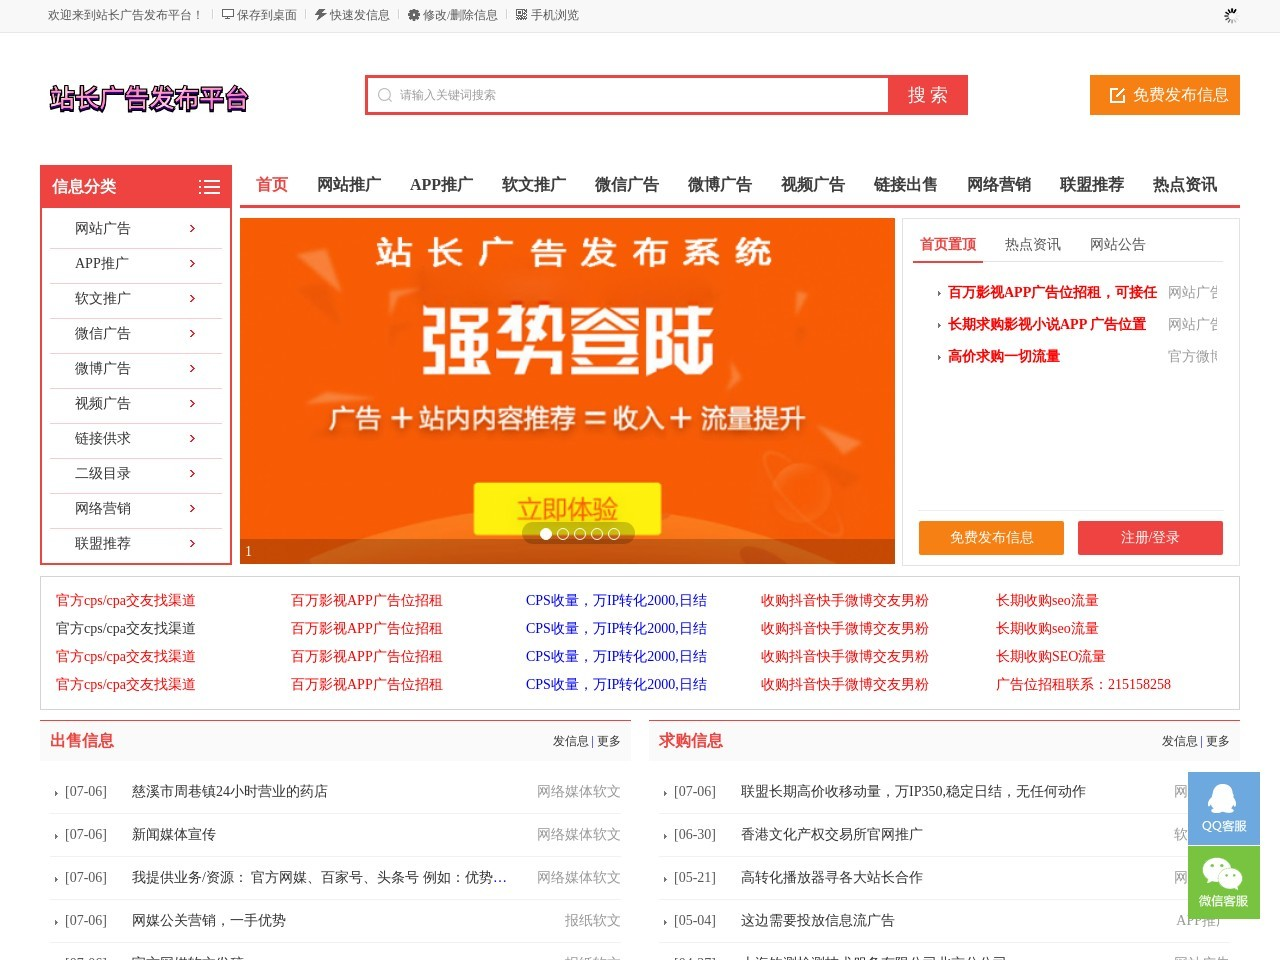 站長廣告資源發布平臺截圖